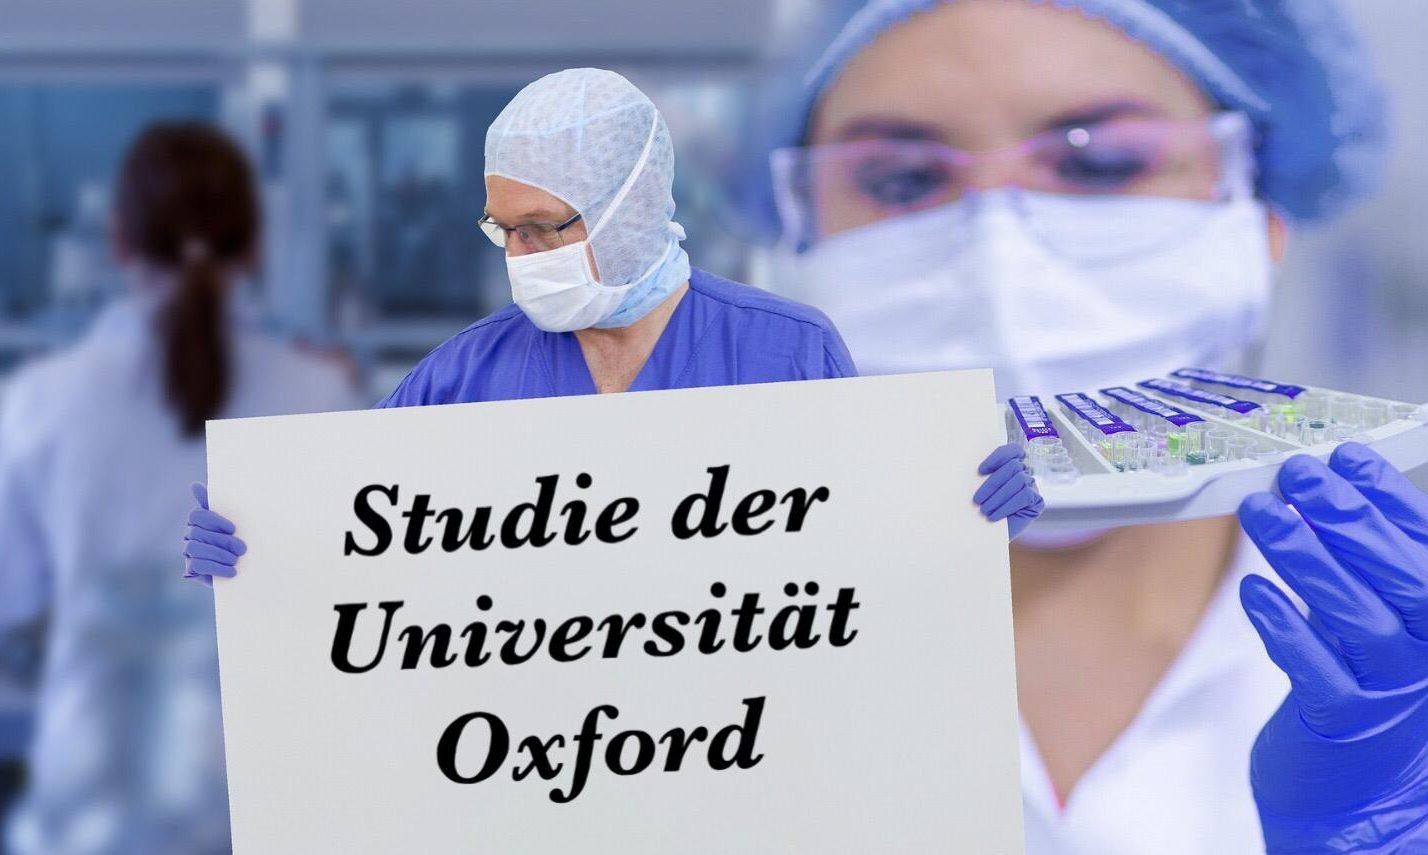 Impfen / Studie Oxford